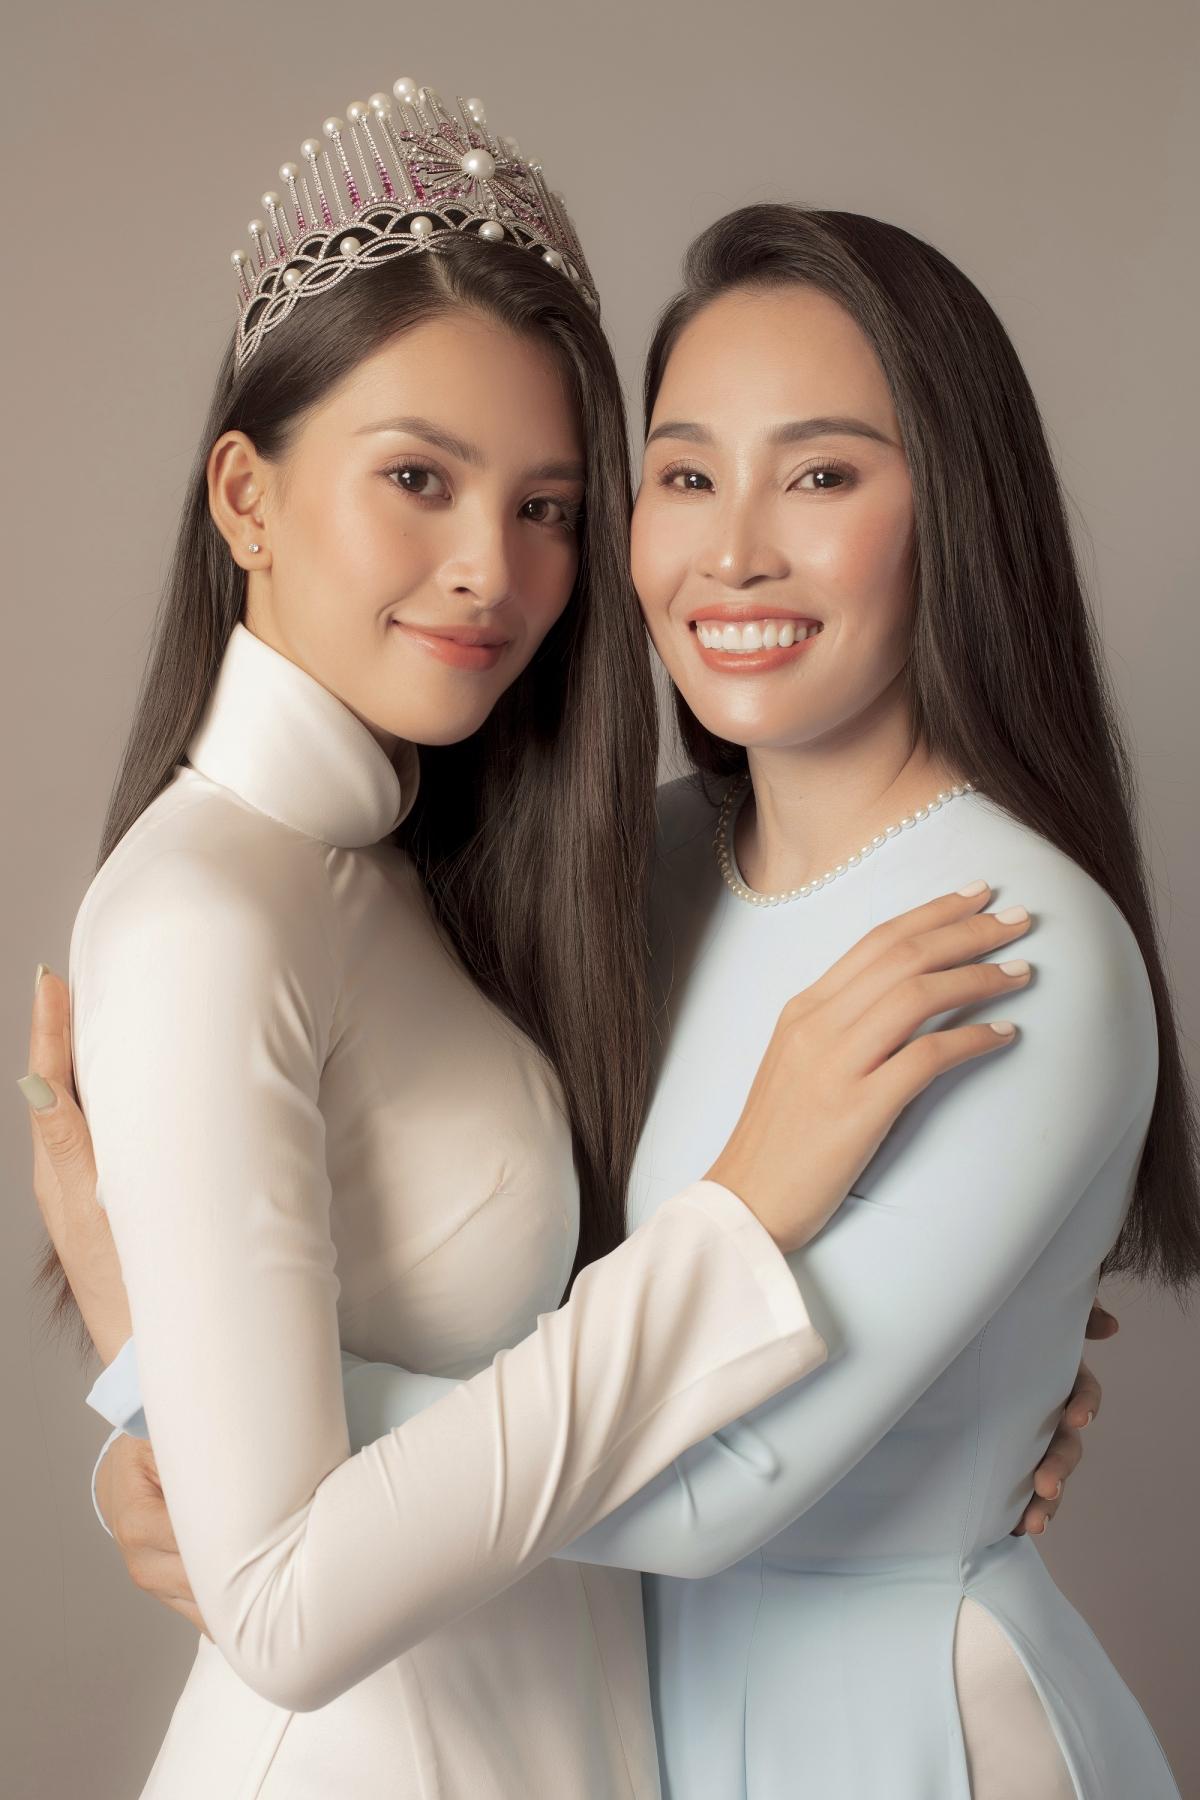 Ngay từ giây phút đăng quang Hoa hậu Việt Nam 2018, Trần Tiểu Vy đã không giấu nổi niềm xúc động của mình, ôm chầm lấy mẹ và khóc. Khi ấy, mặc dù cô hoa hậu nhận được rất nhiều sự quan tâm và ủng hộ từ phía khán giả, nhưng cô đôi lúc vẫn gặp những nguồn dư luận không hay.